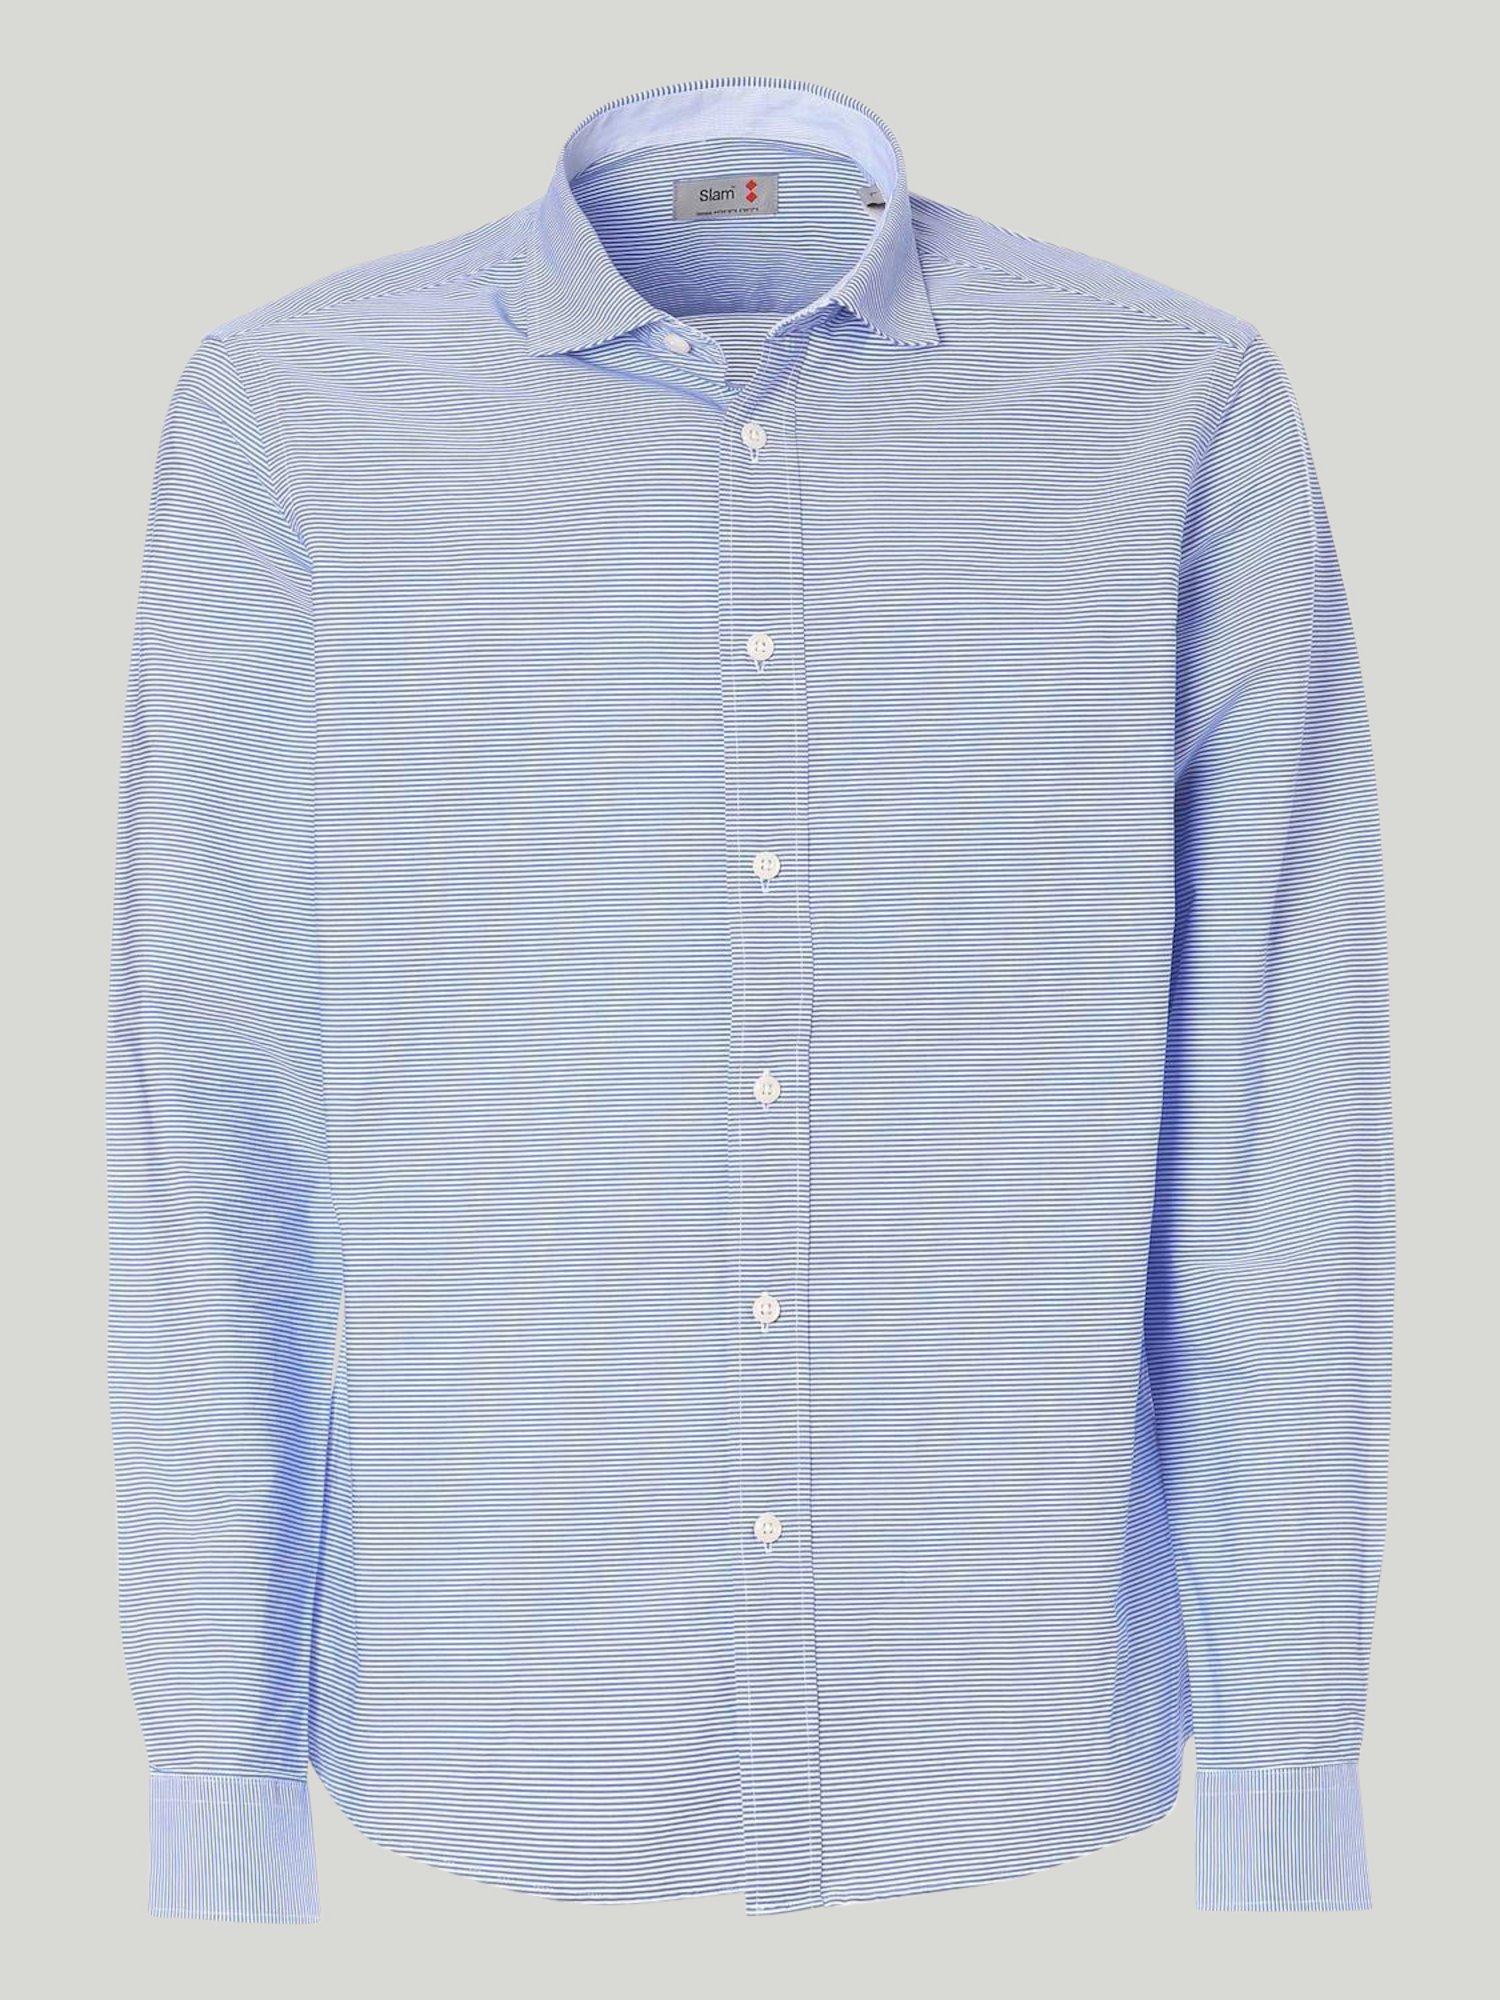 Hemd Keros  - Striped White / Light Blue